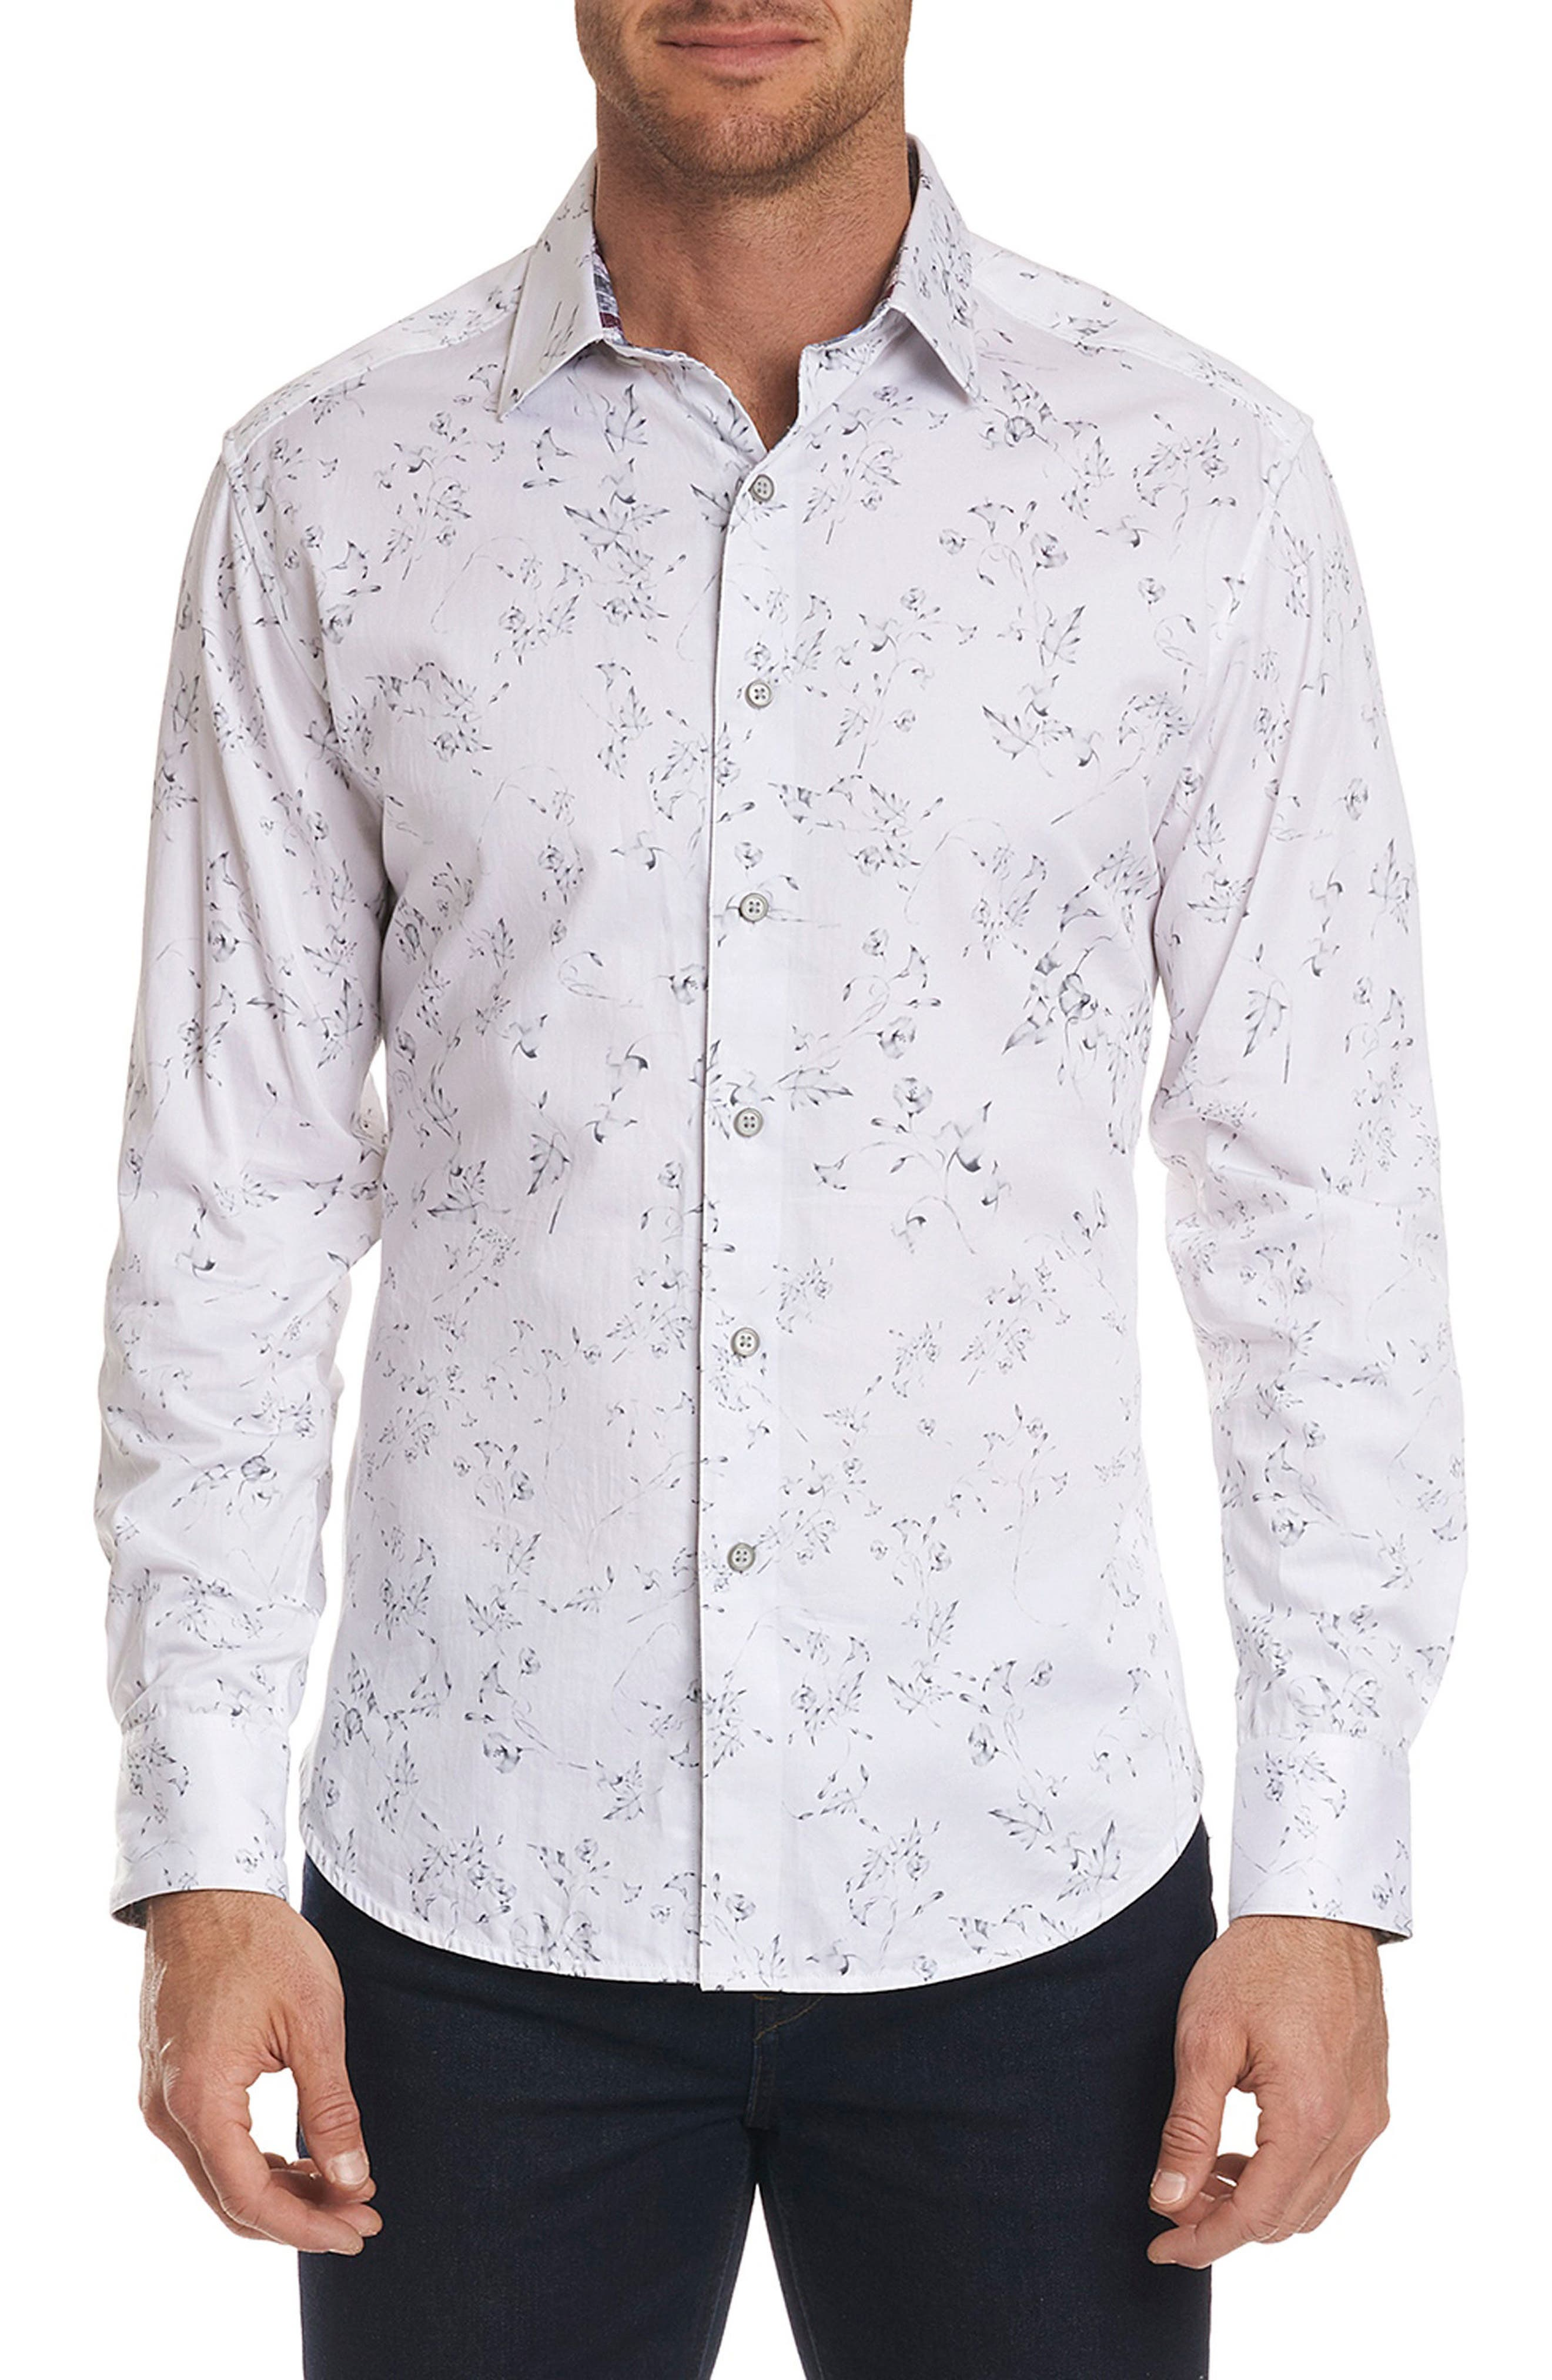 De La Cruz Classic Fit Sport Shirt,                             Main thumbnail 1, color,                             White